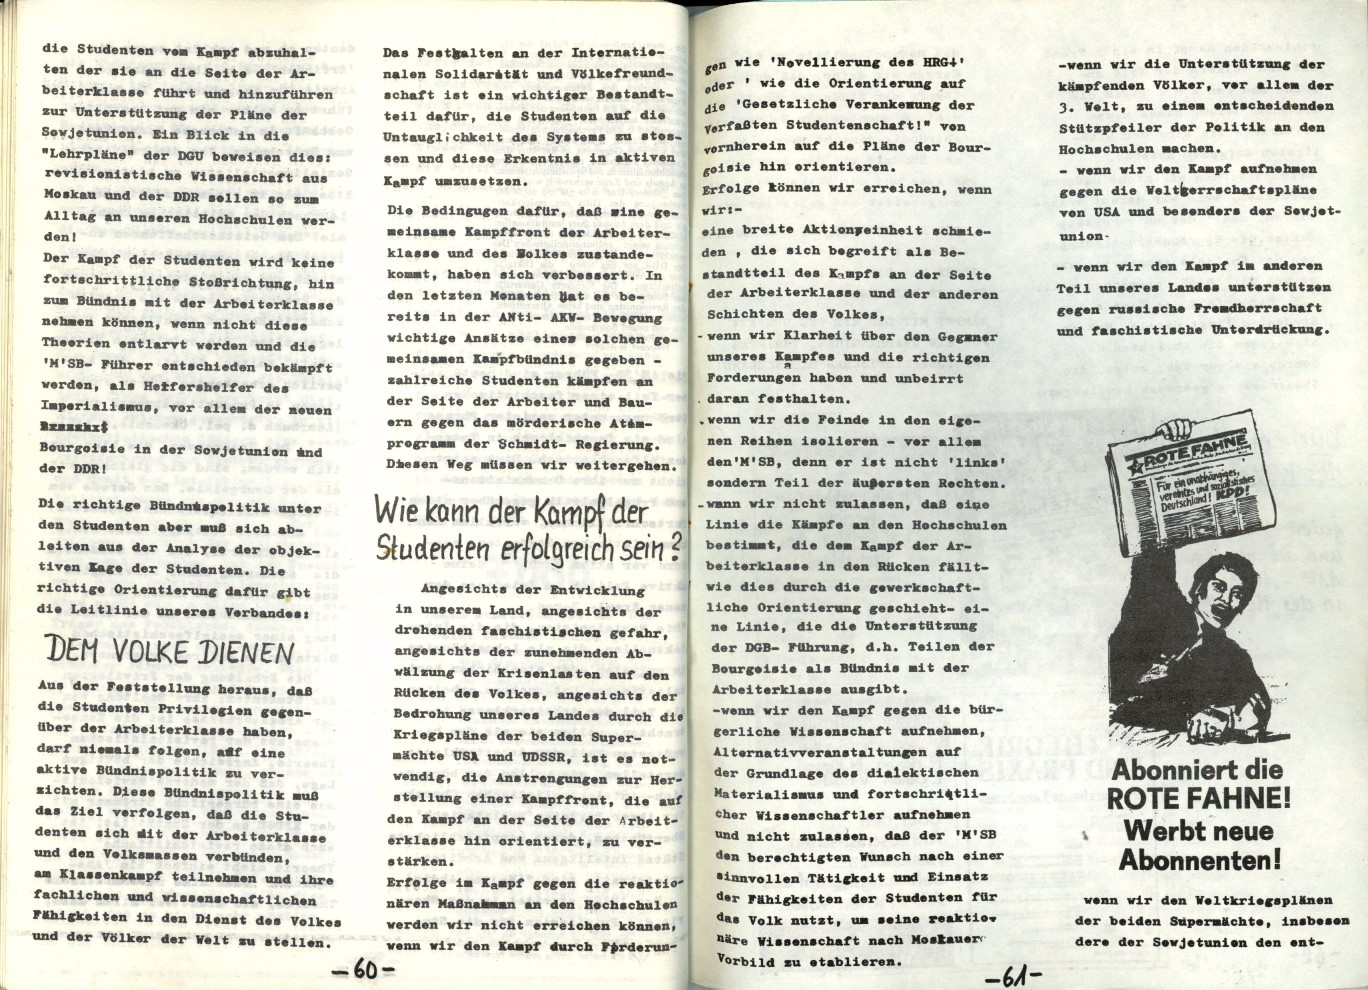 NRW_KSV_1977_Doku_zu_den_AStA_Wahlen_Nr_2_31